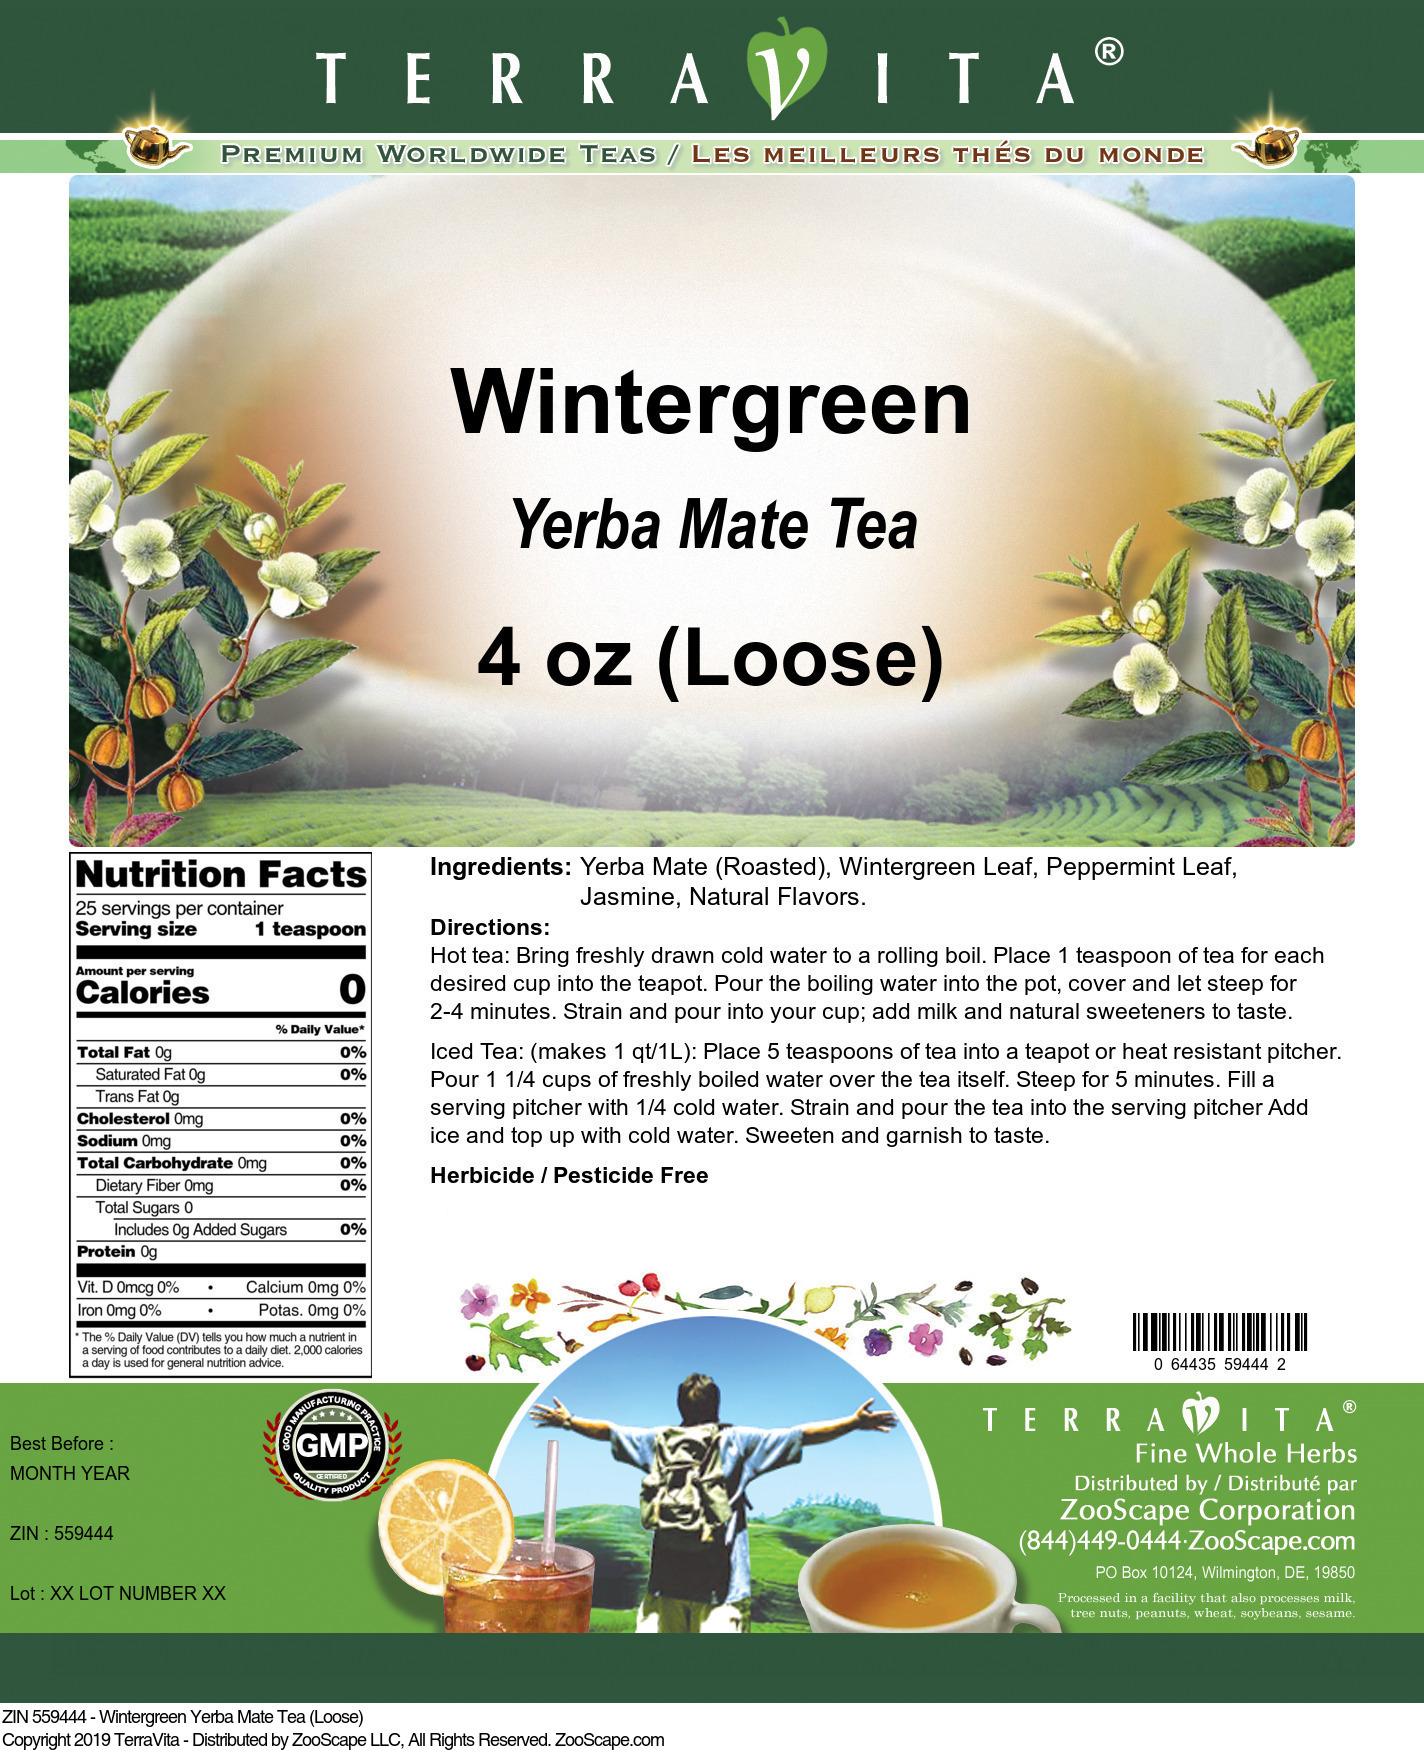 Wintergreen Yerba Mate